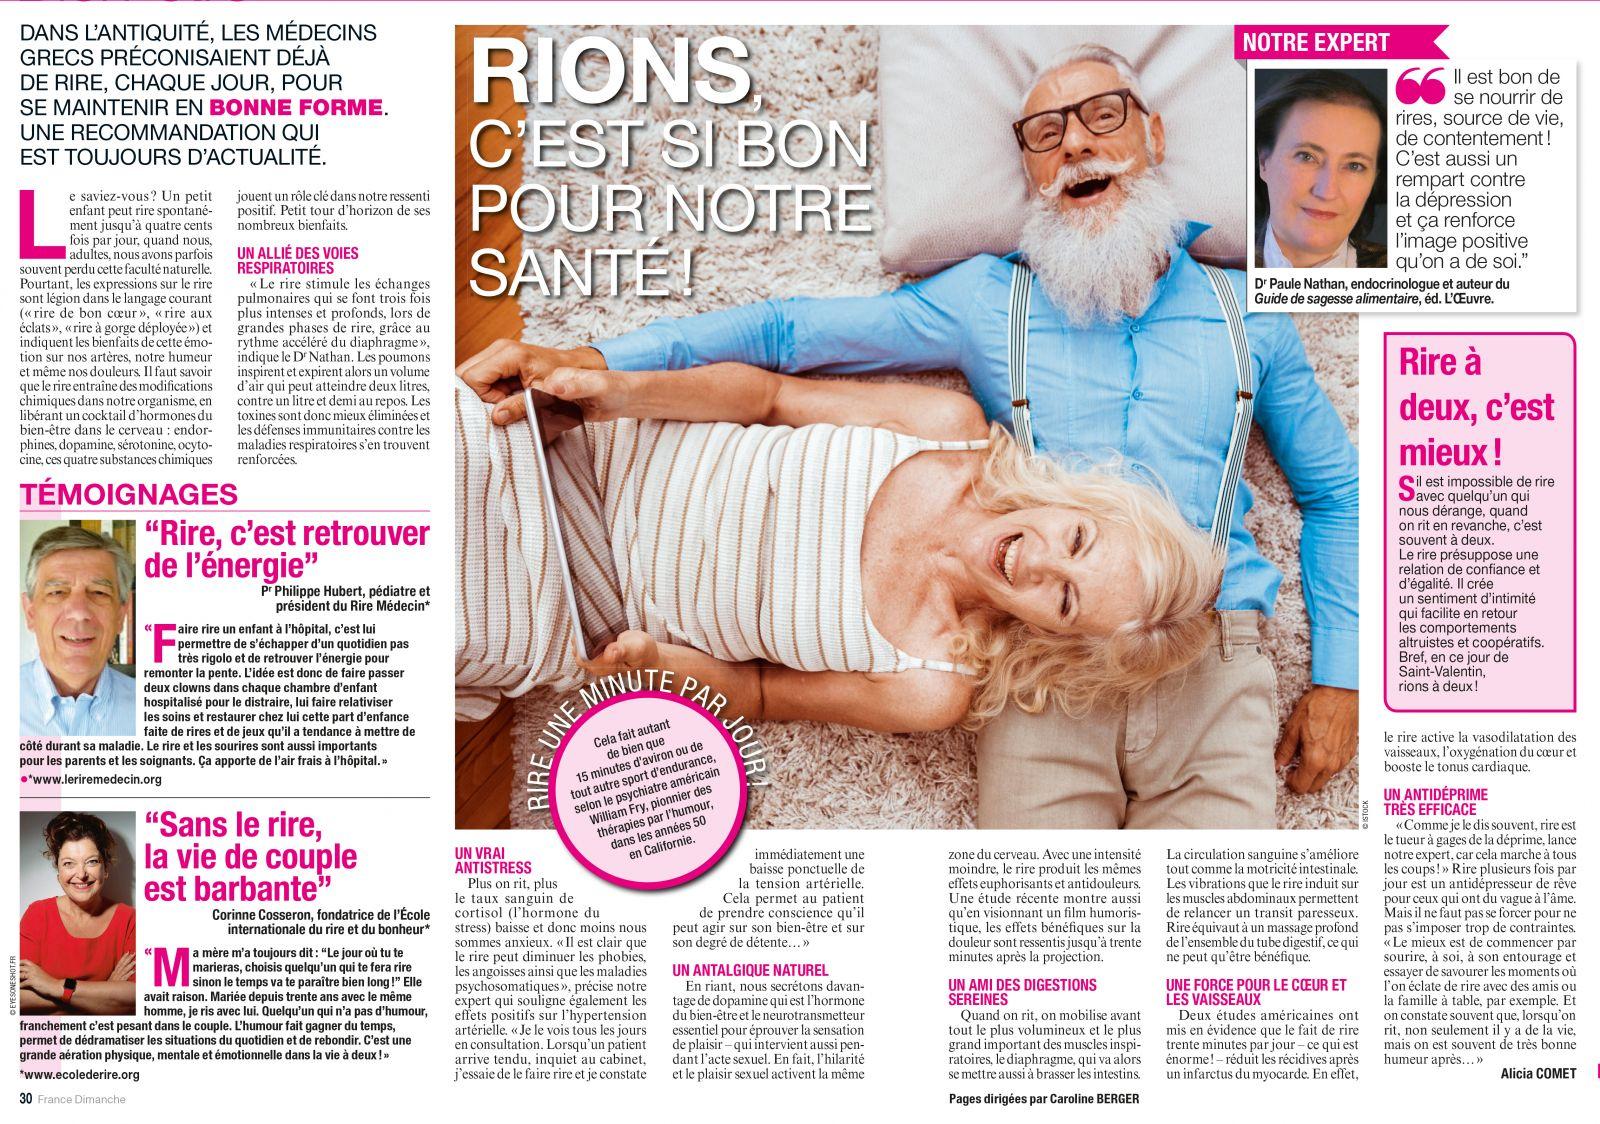 La rigologie dans France Dimanche 2020